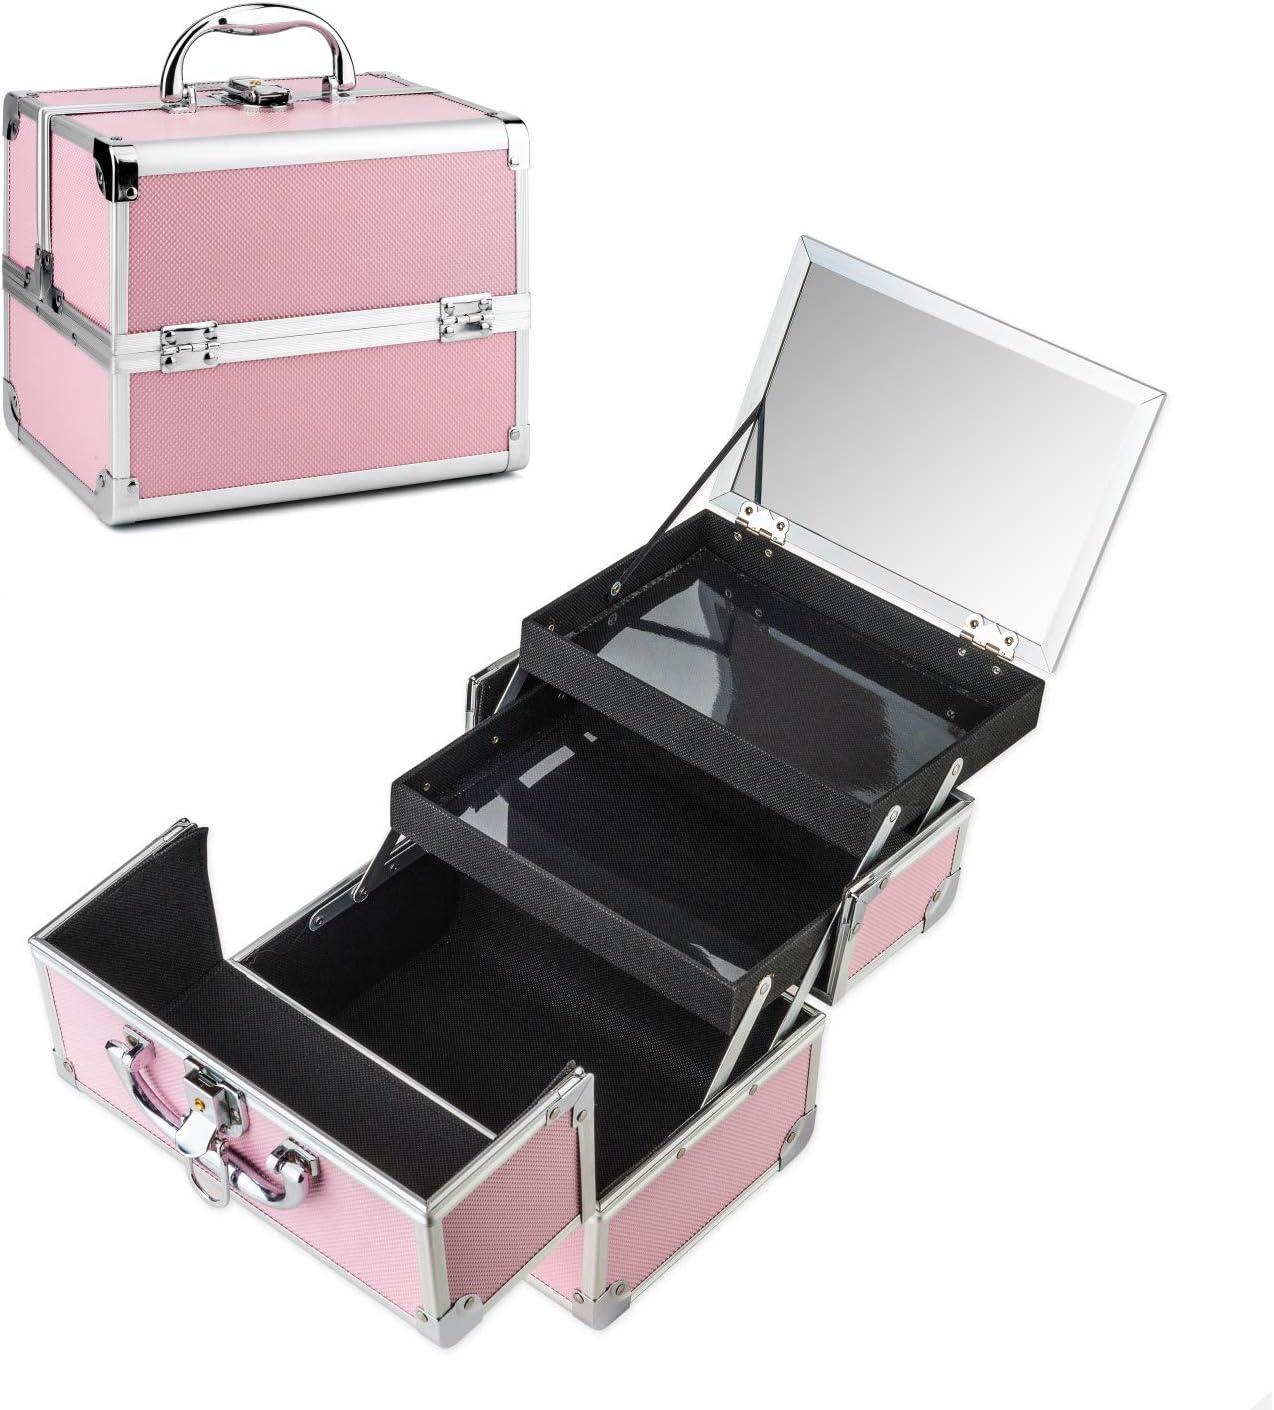 AMASAVA Maletín para Maquillaje, Estuche de Maquillaje, Estuche de cosméticos, 24 x 17 x 19 cm, ABS de Aluminio, con Espejo, Cerradura, 2 bandejas, Negro + Rosa (Rosa-1)